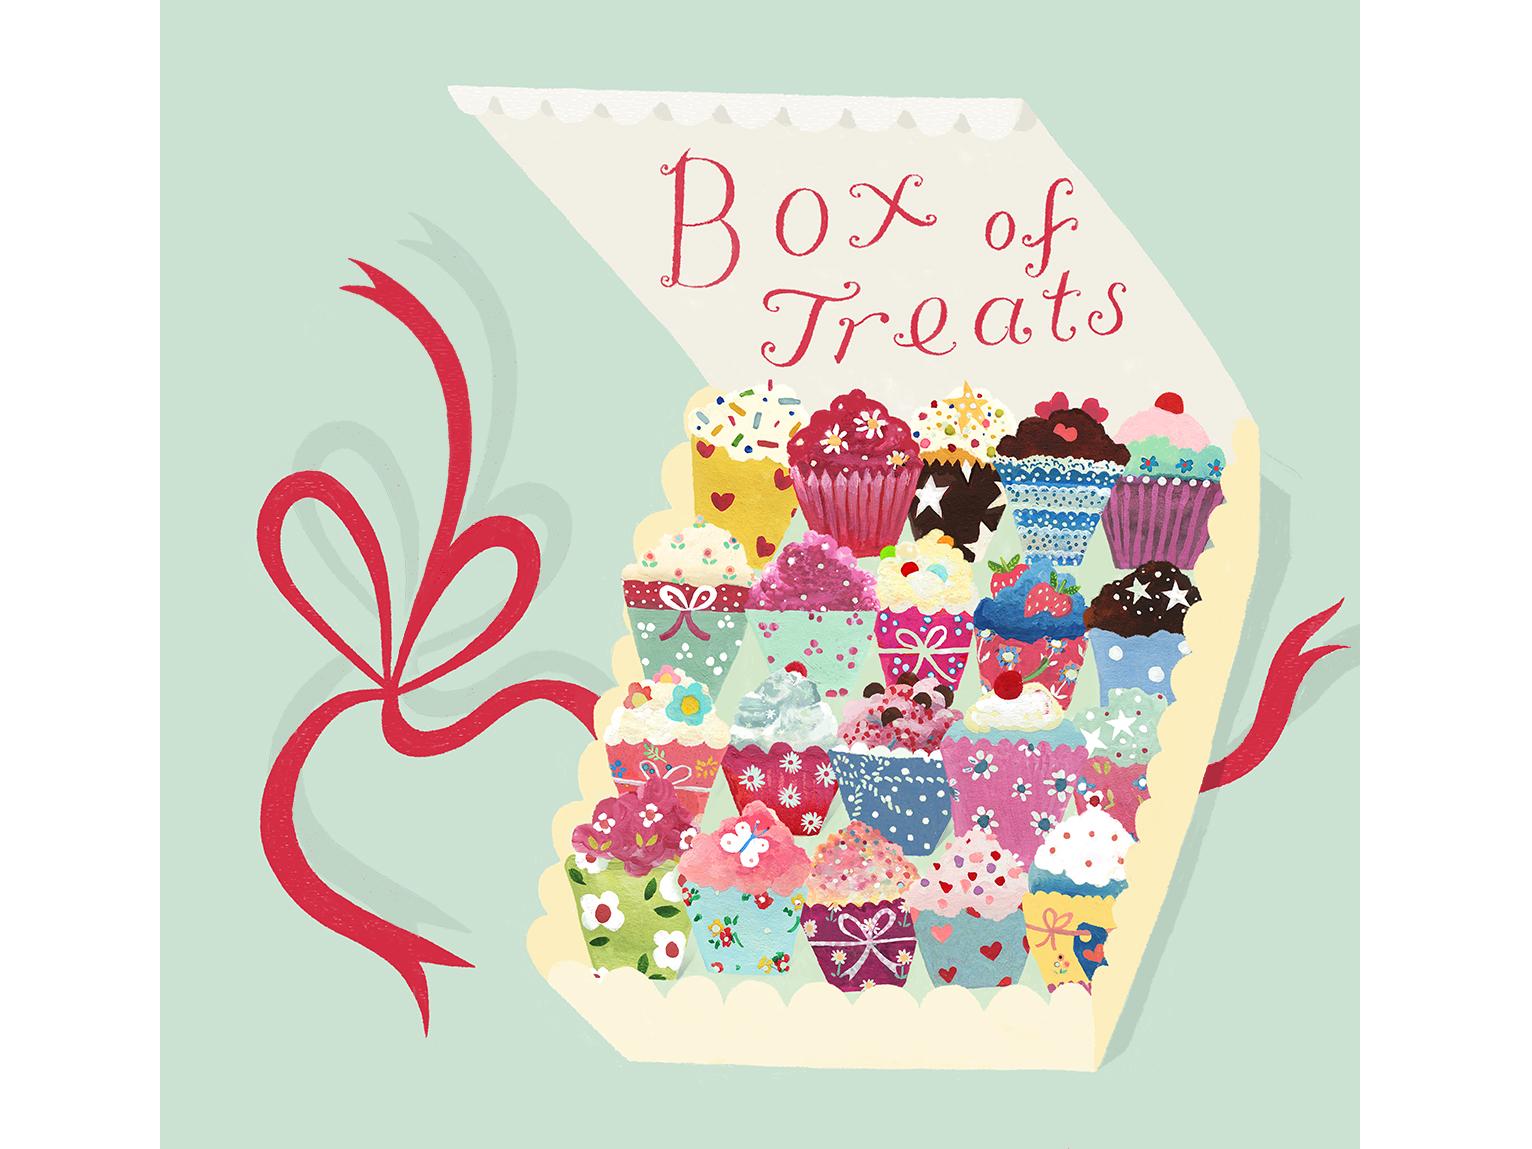 box-of-treats-fiona-miles.jpg